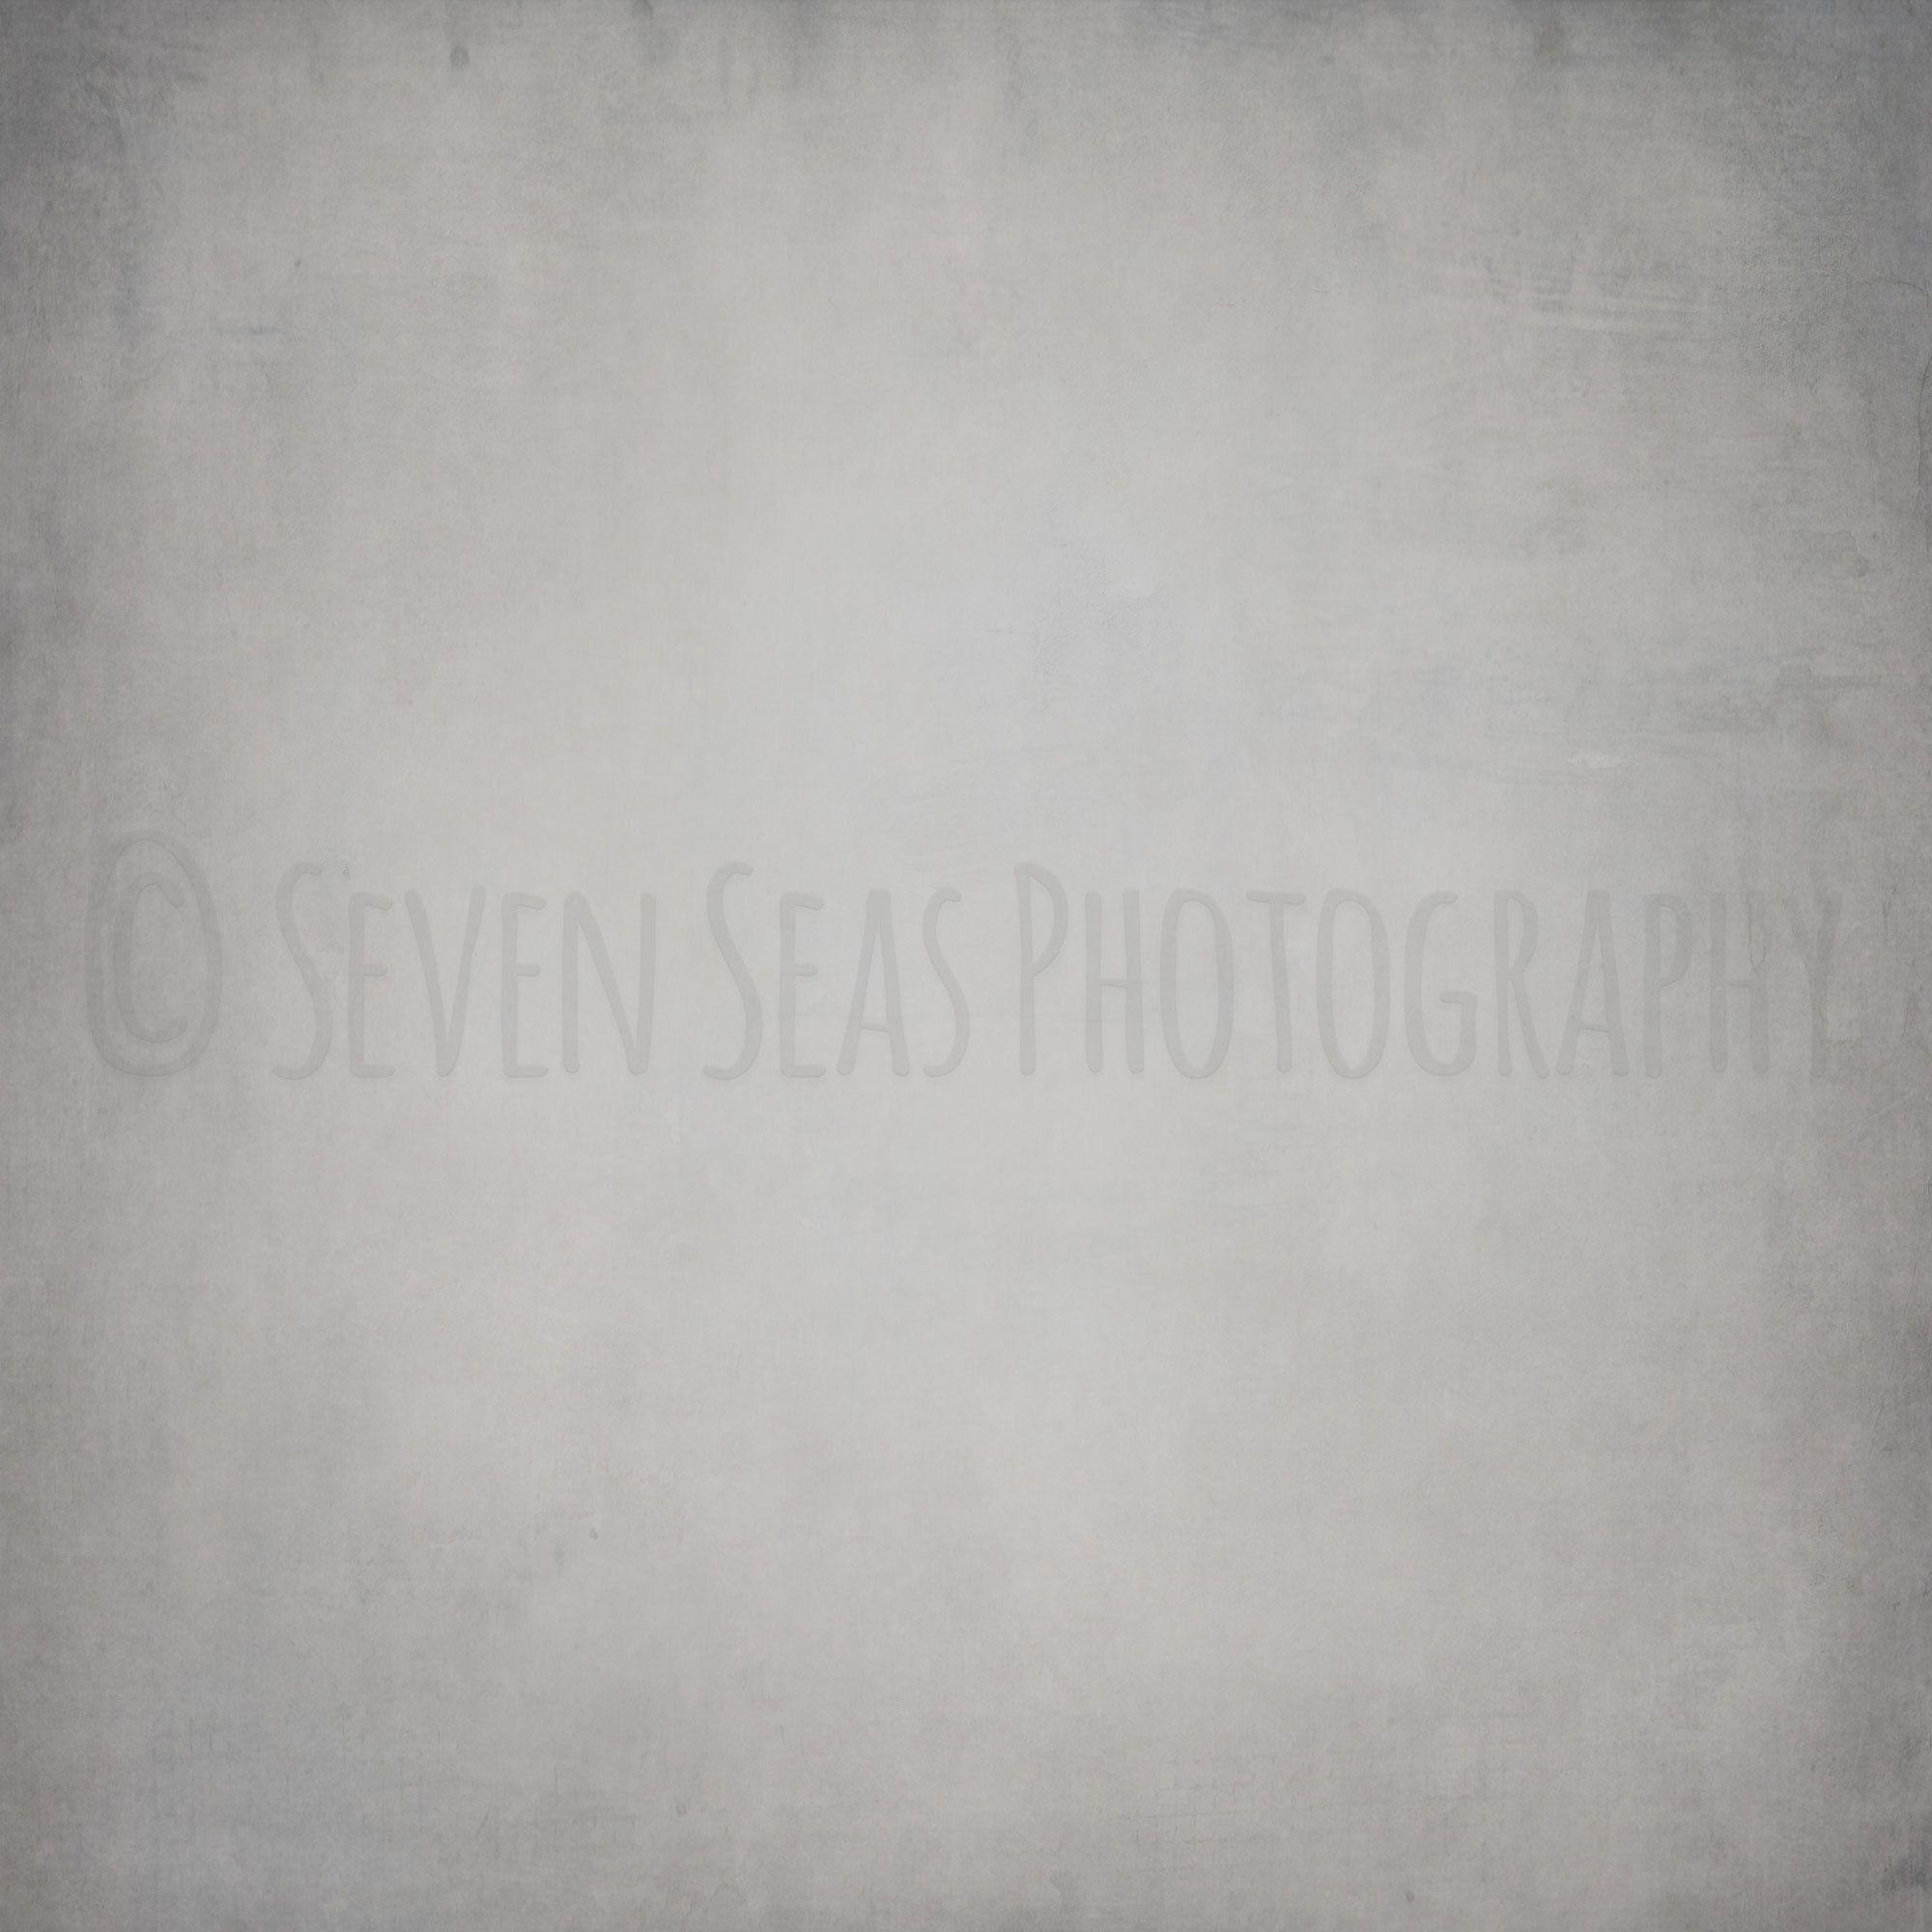 COLD - Digitaler Hintergrund für Fotografie & Video, Porträthintergrund, Textur, Grafikdesign, Kunst, Photoshop-Overlay, Websites